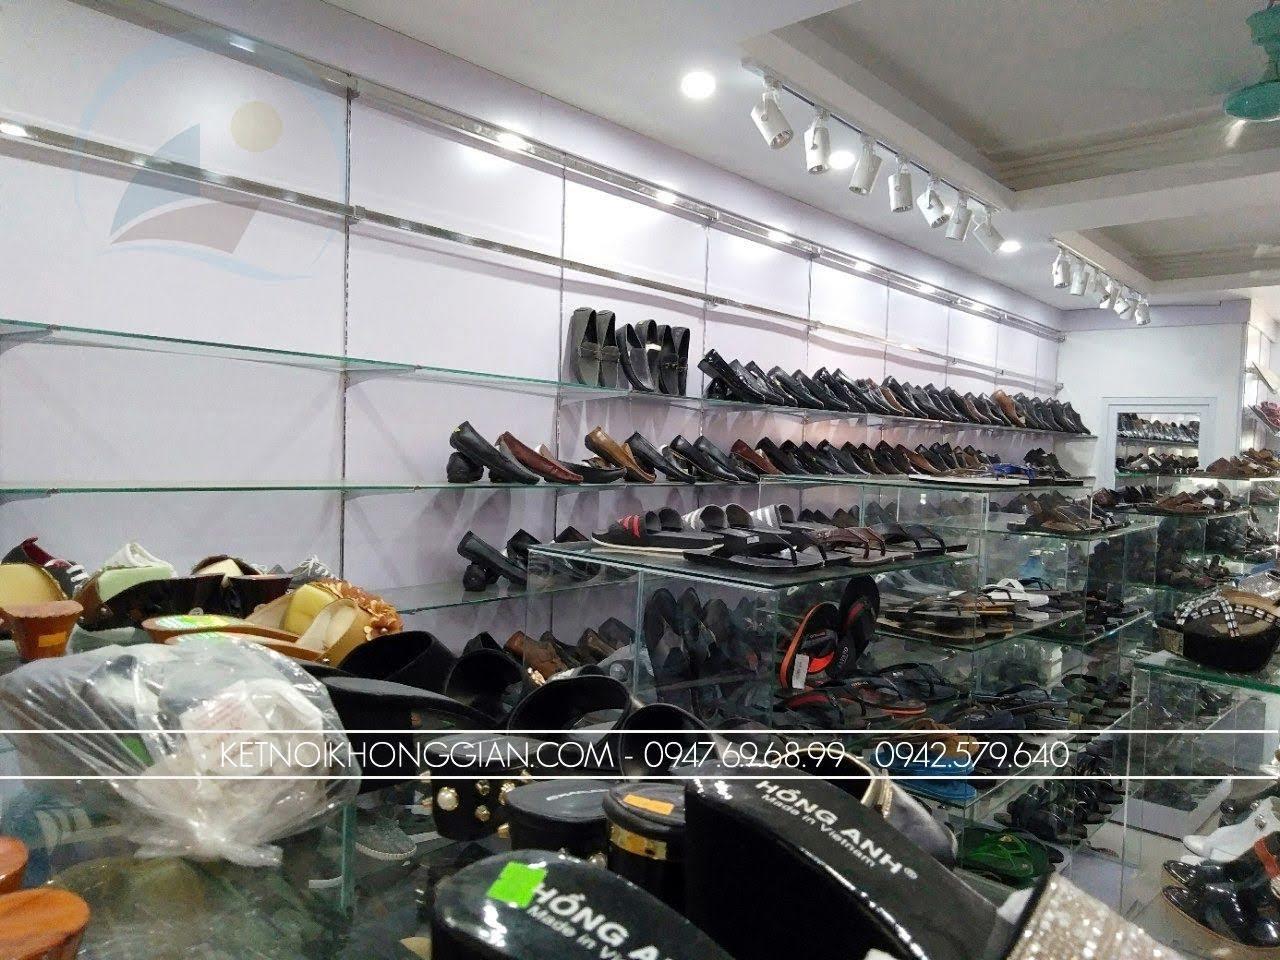 thiết kế thi công nội thất shop giày dép thời trang 8